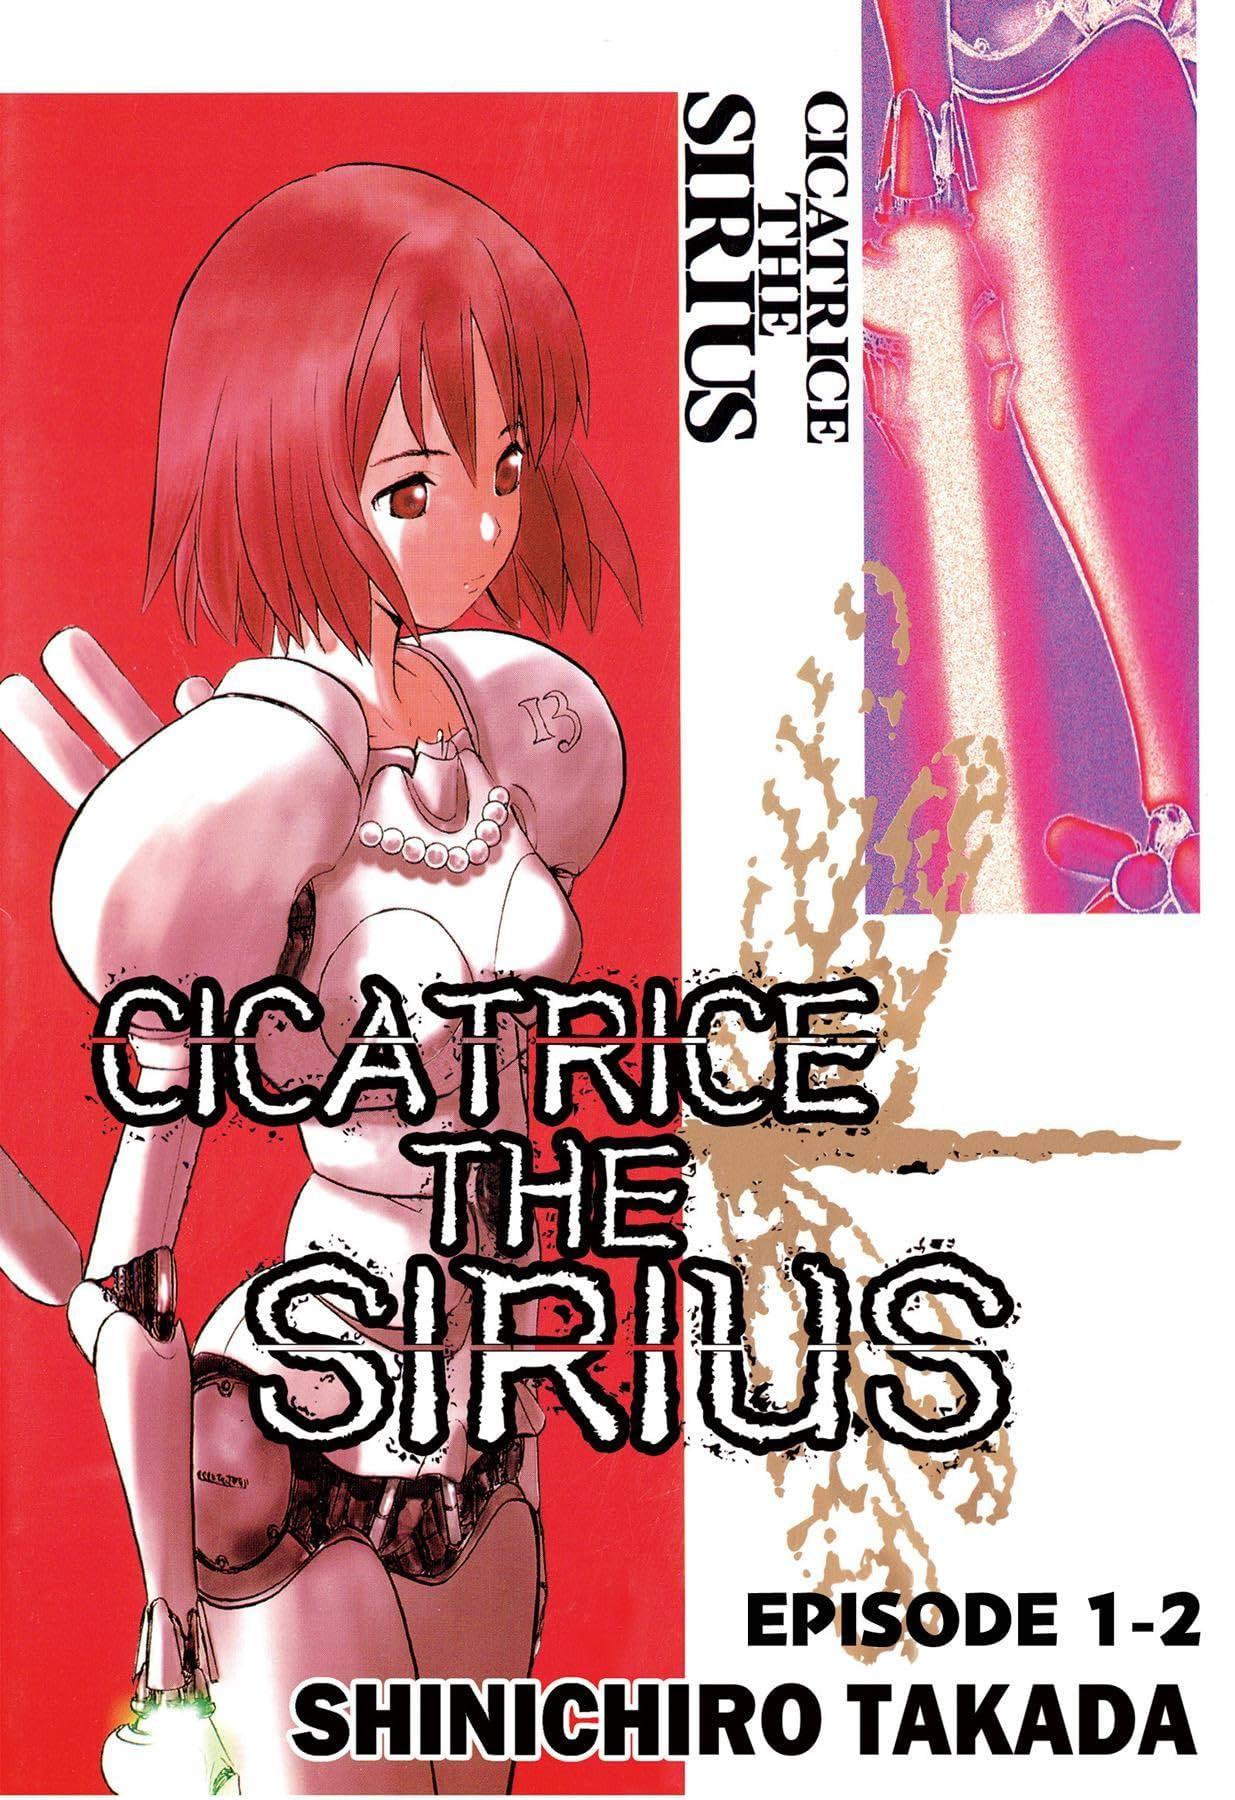 CICATRICE THE SIRIUS #2